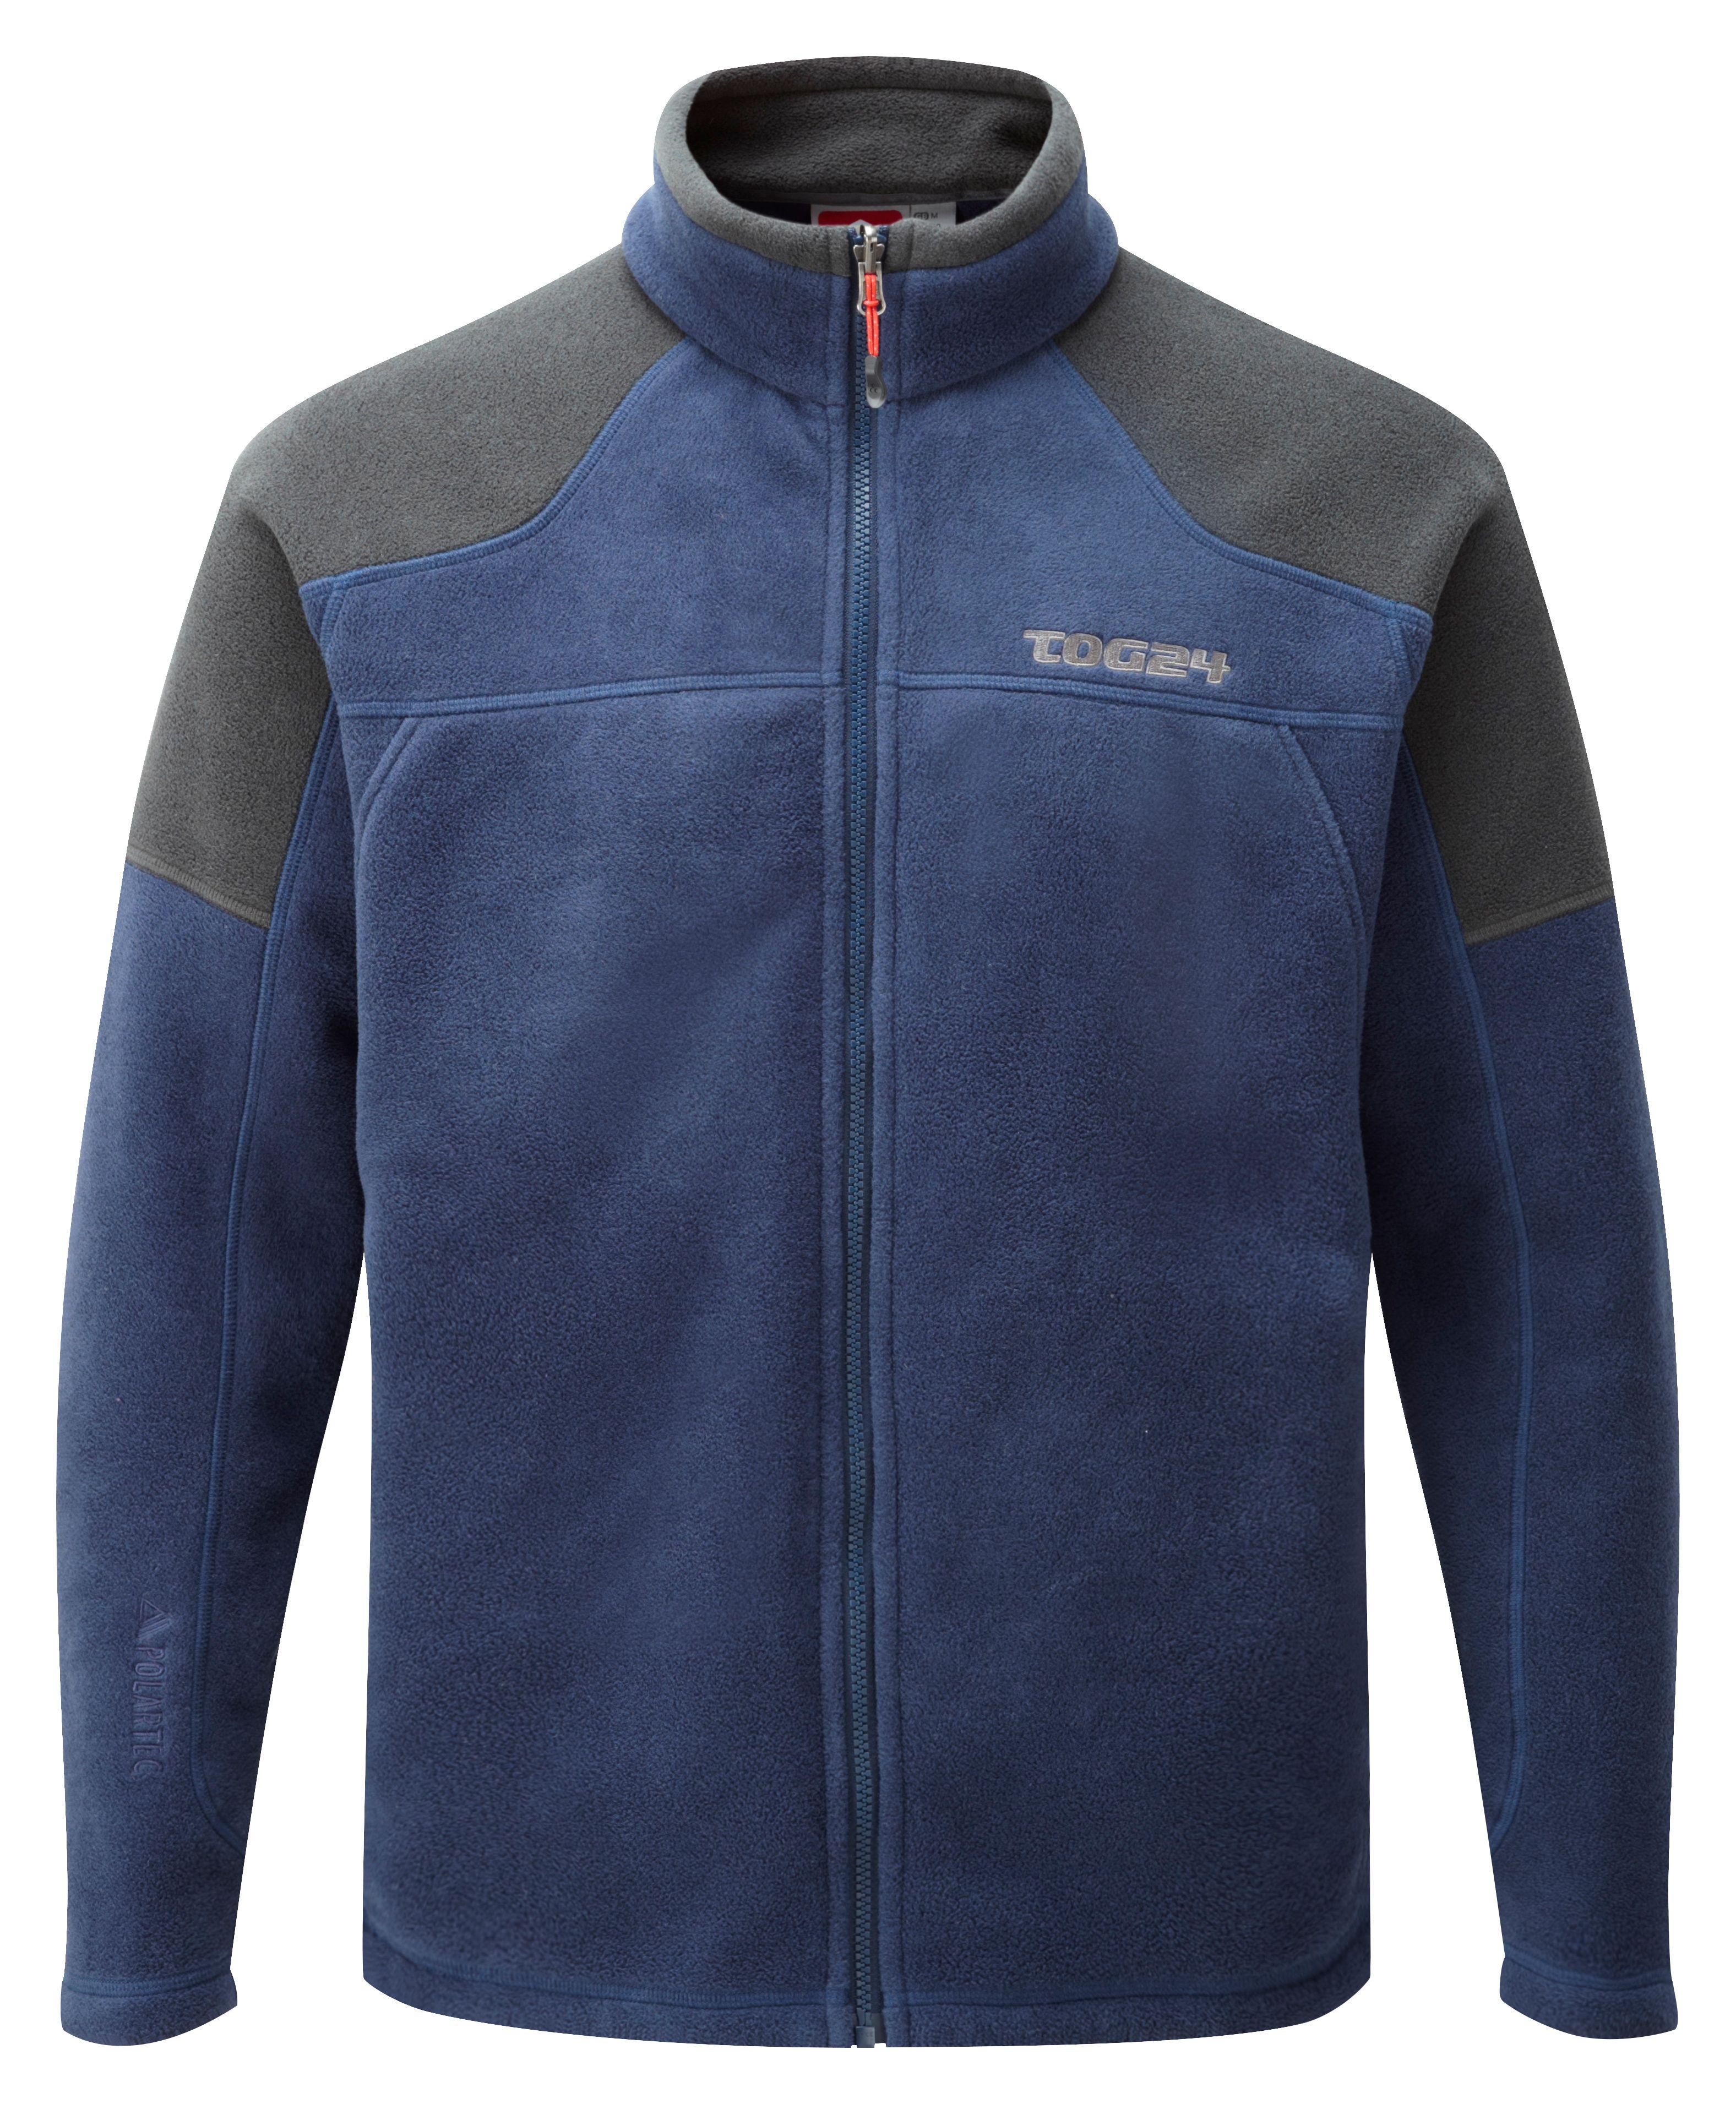 Tog 24 New Zealand Polartec Fleece Jacket In Blue For Men